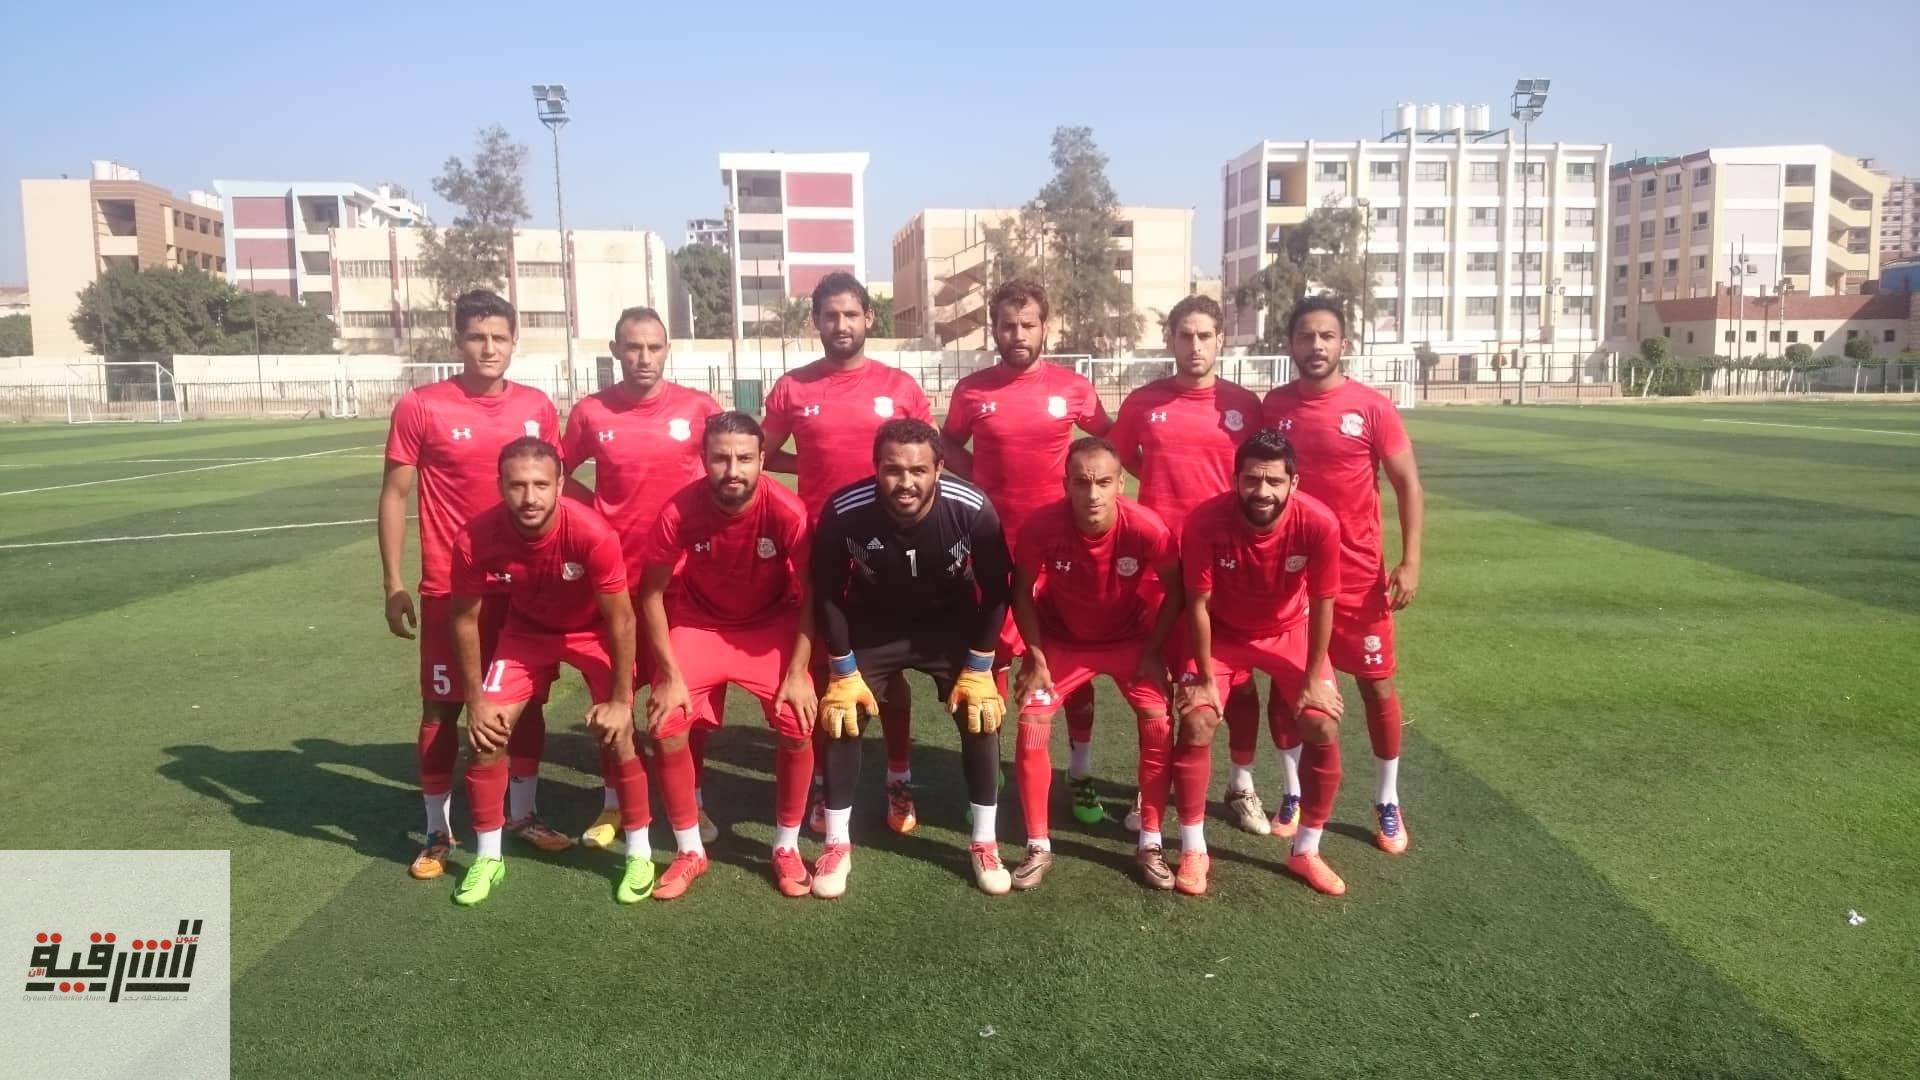 الشرقية يفوز علي أبوكبير بهدفين مقابل هدف